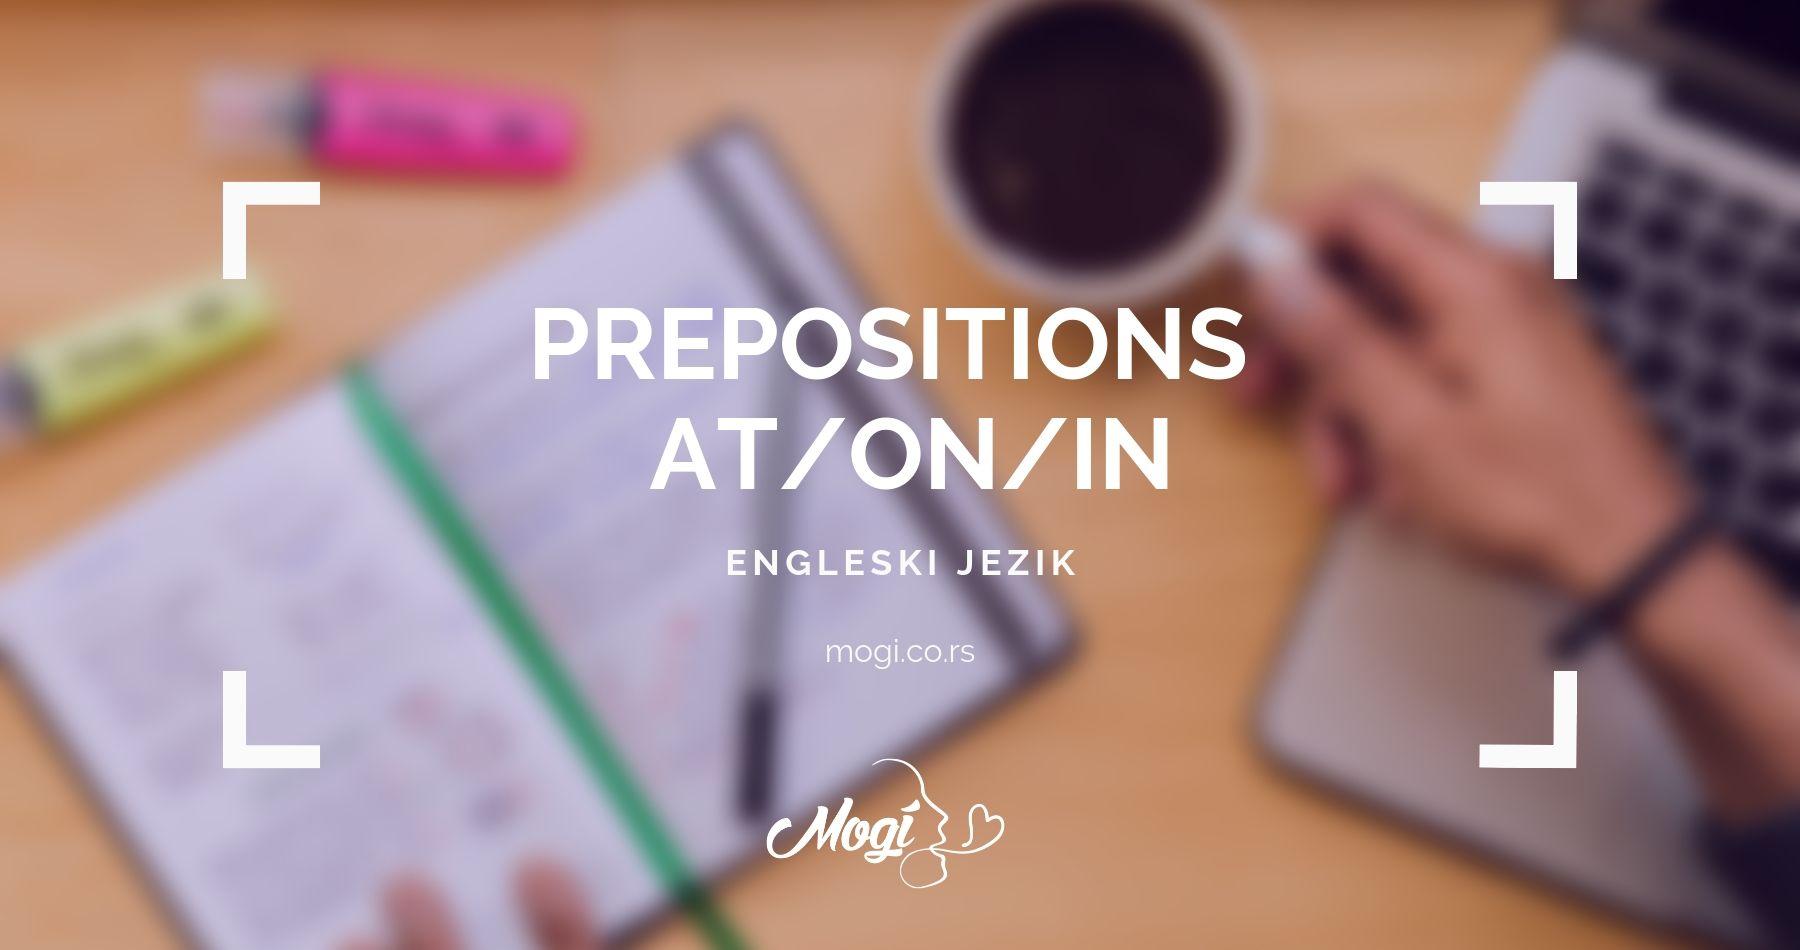 Predlozi u engleskom jeziku, tekst na blogu škole za jezike Mogi